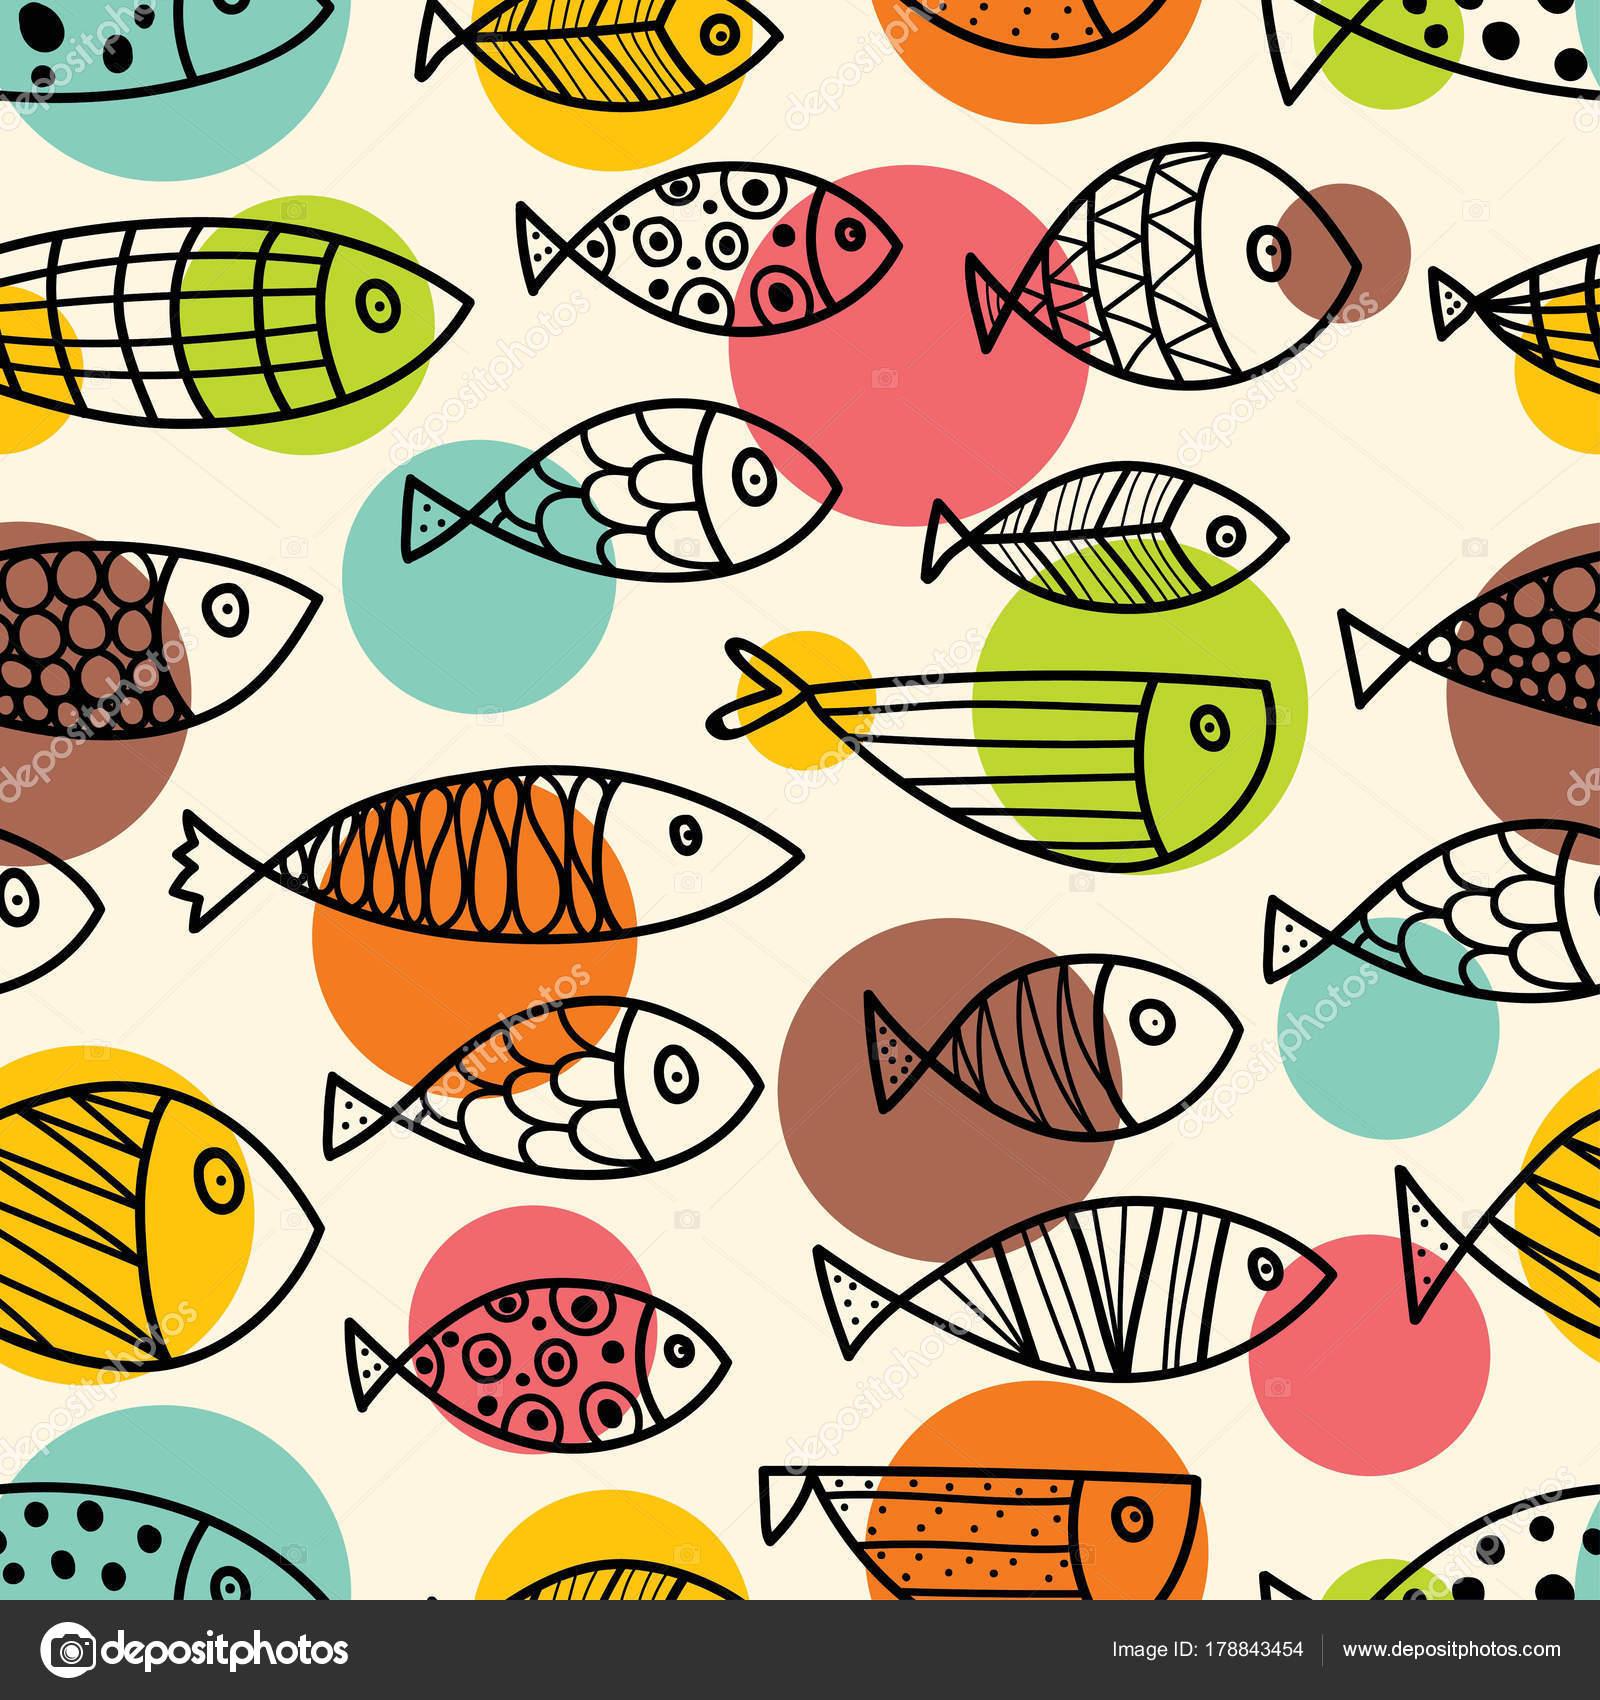 Patr n sin fisuras l nea con lindos peces ornamentales for Manual de peces ornamentales